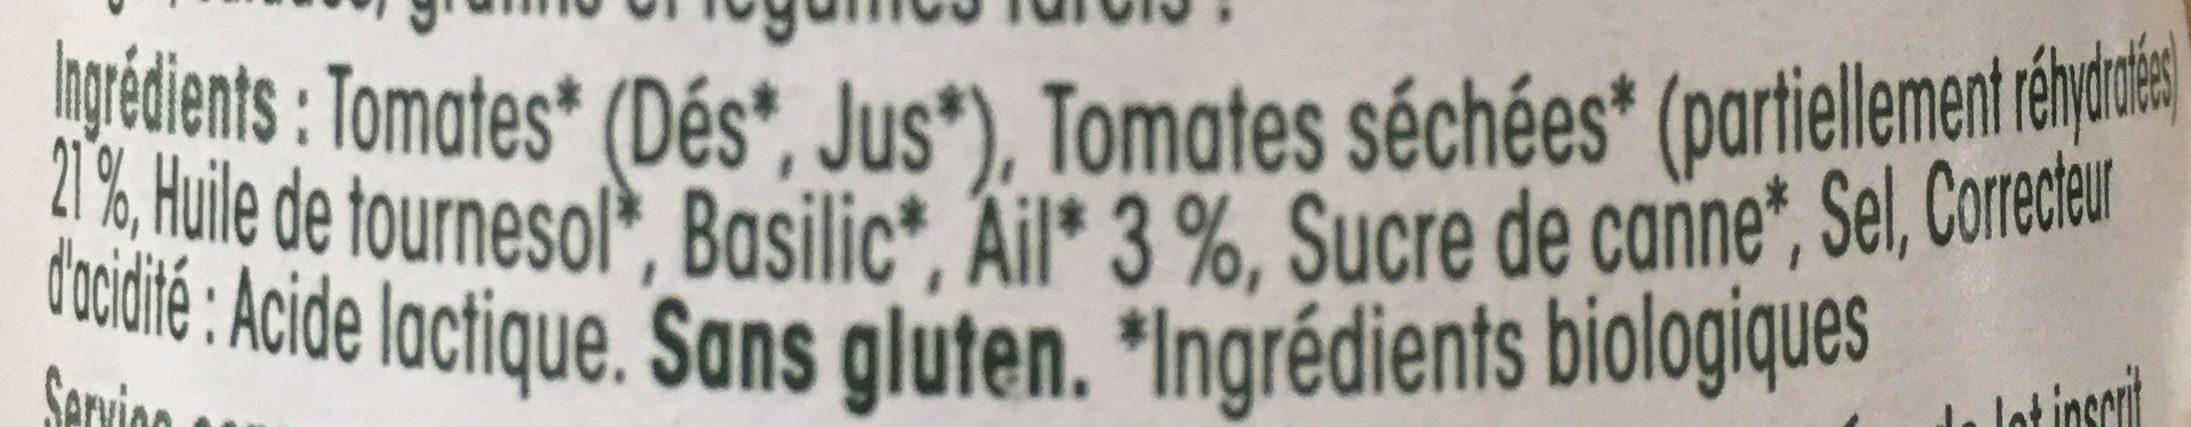 Sauce aux tomates séchées et à l'ail bio sans gluten Sacla - Ingredients - fr